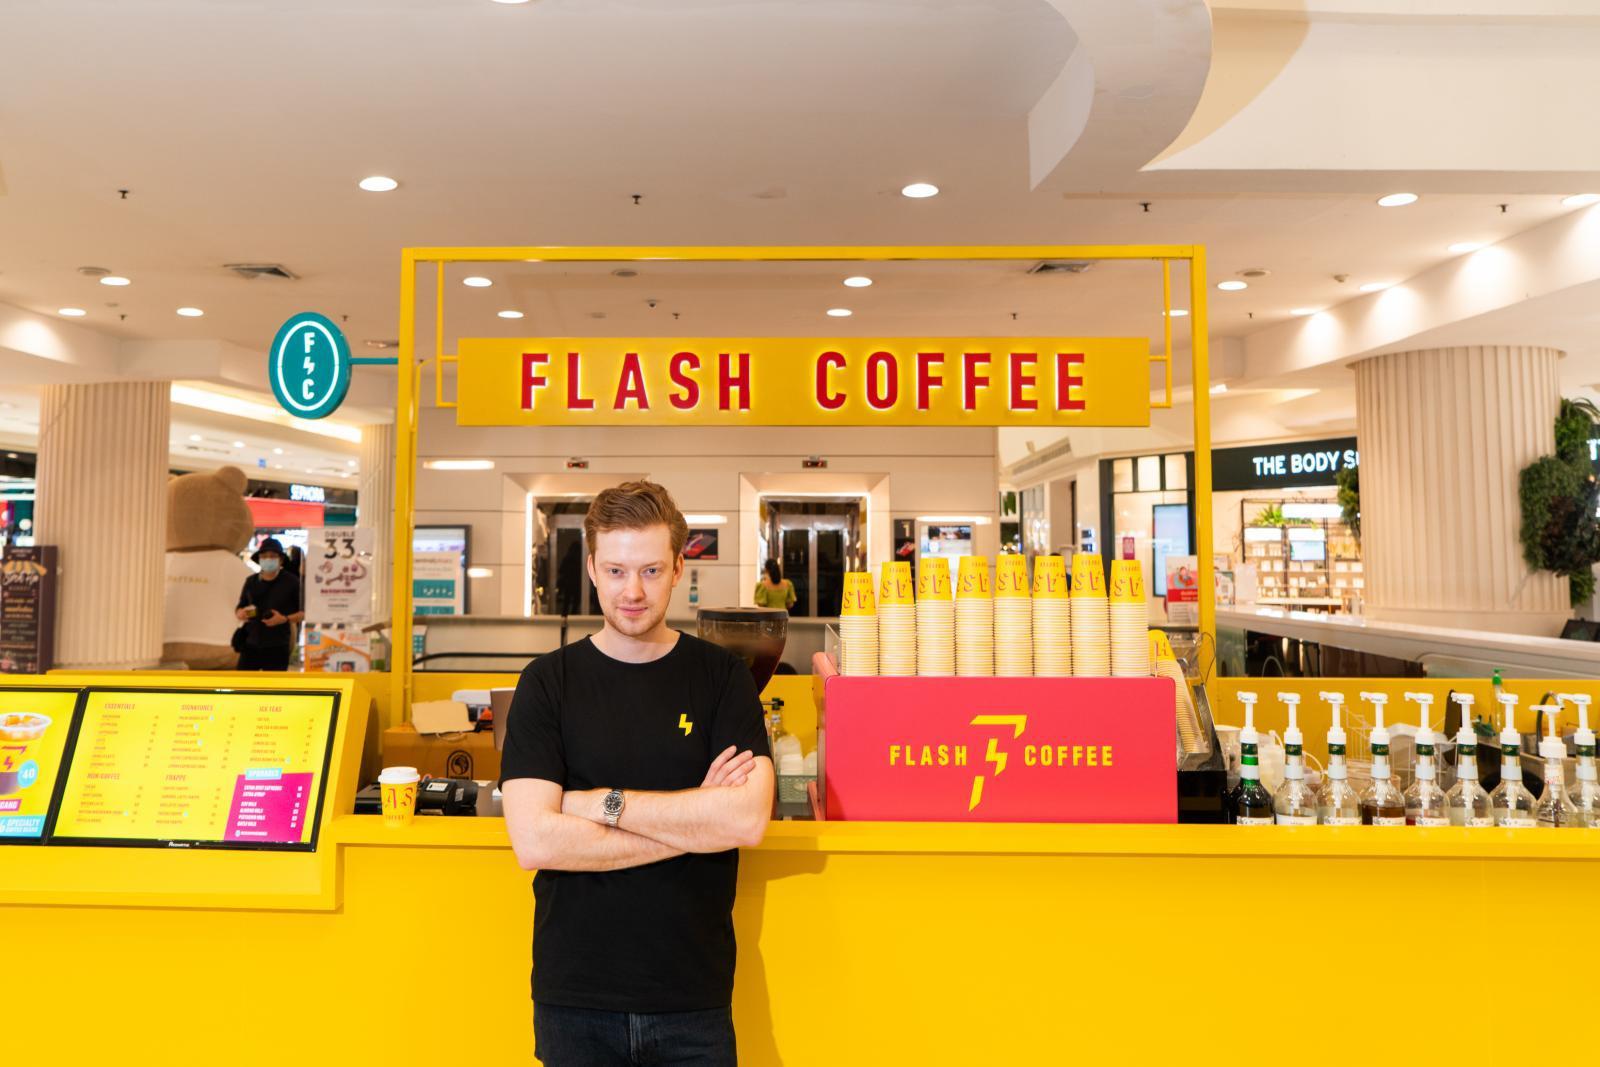 """""""แฟลช คอฟฟี่"""" เชนร้านกาแฟจากสิงคโปร์ได้เงินระดมทุนรอบซีรีส์ เอ 15 ล้านเหรียญ"""